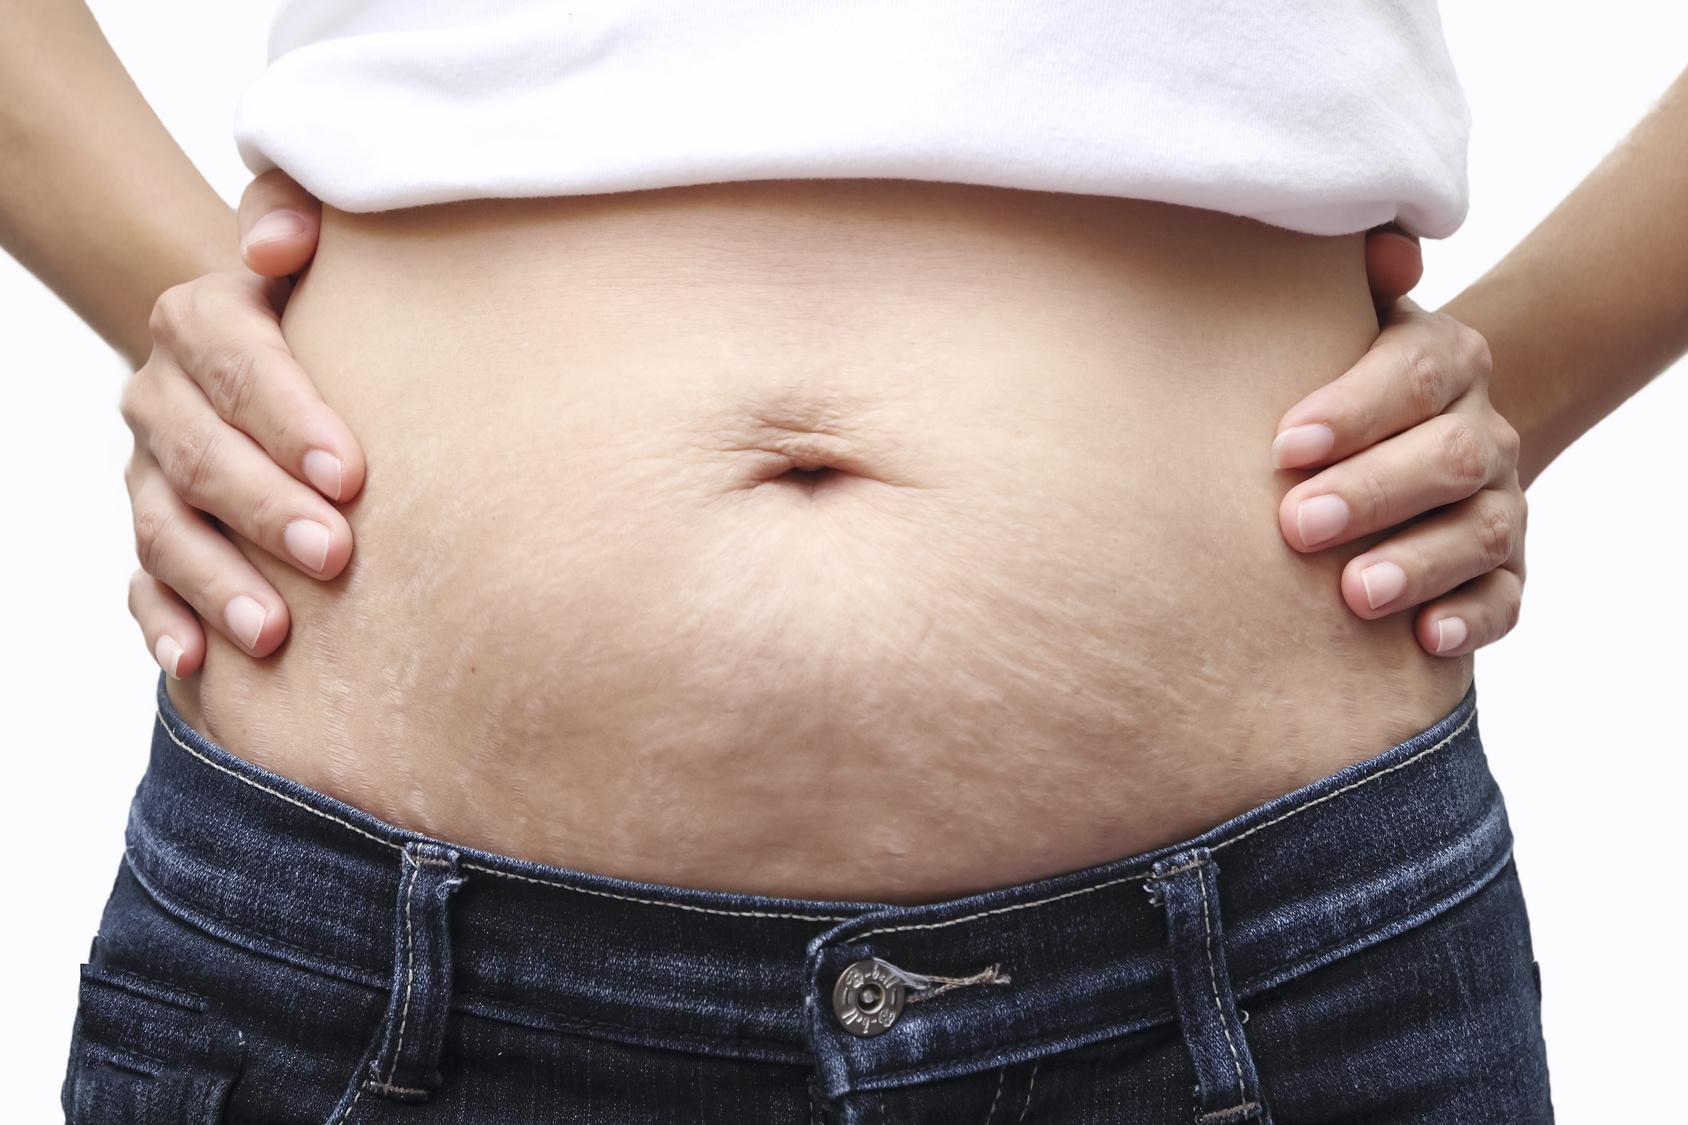 consecuencias fisicas del embarazo en el abdomen